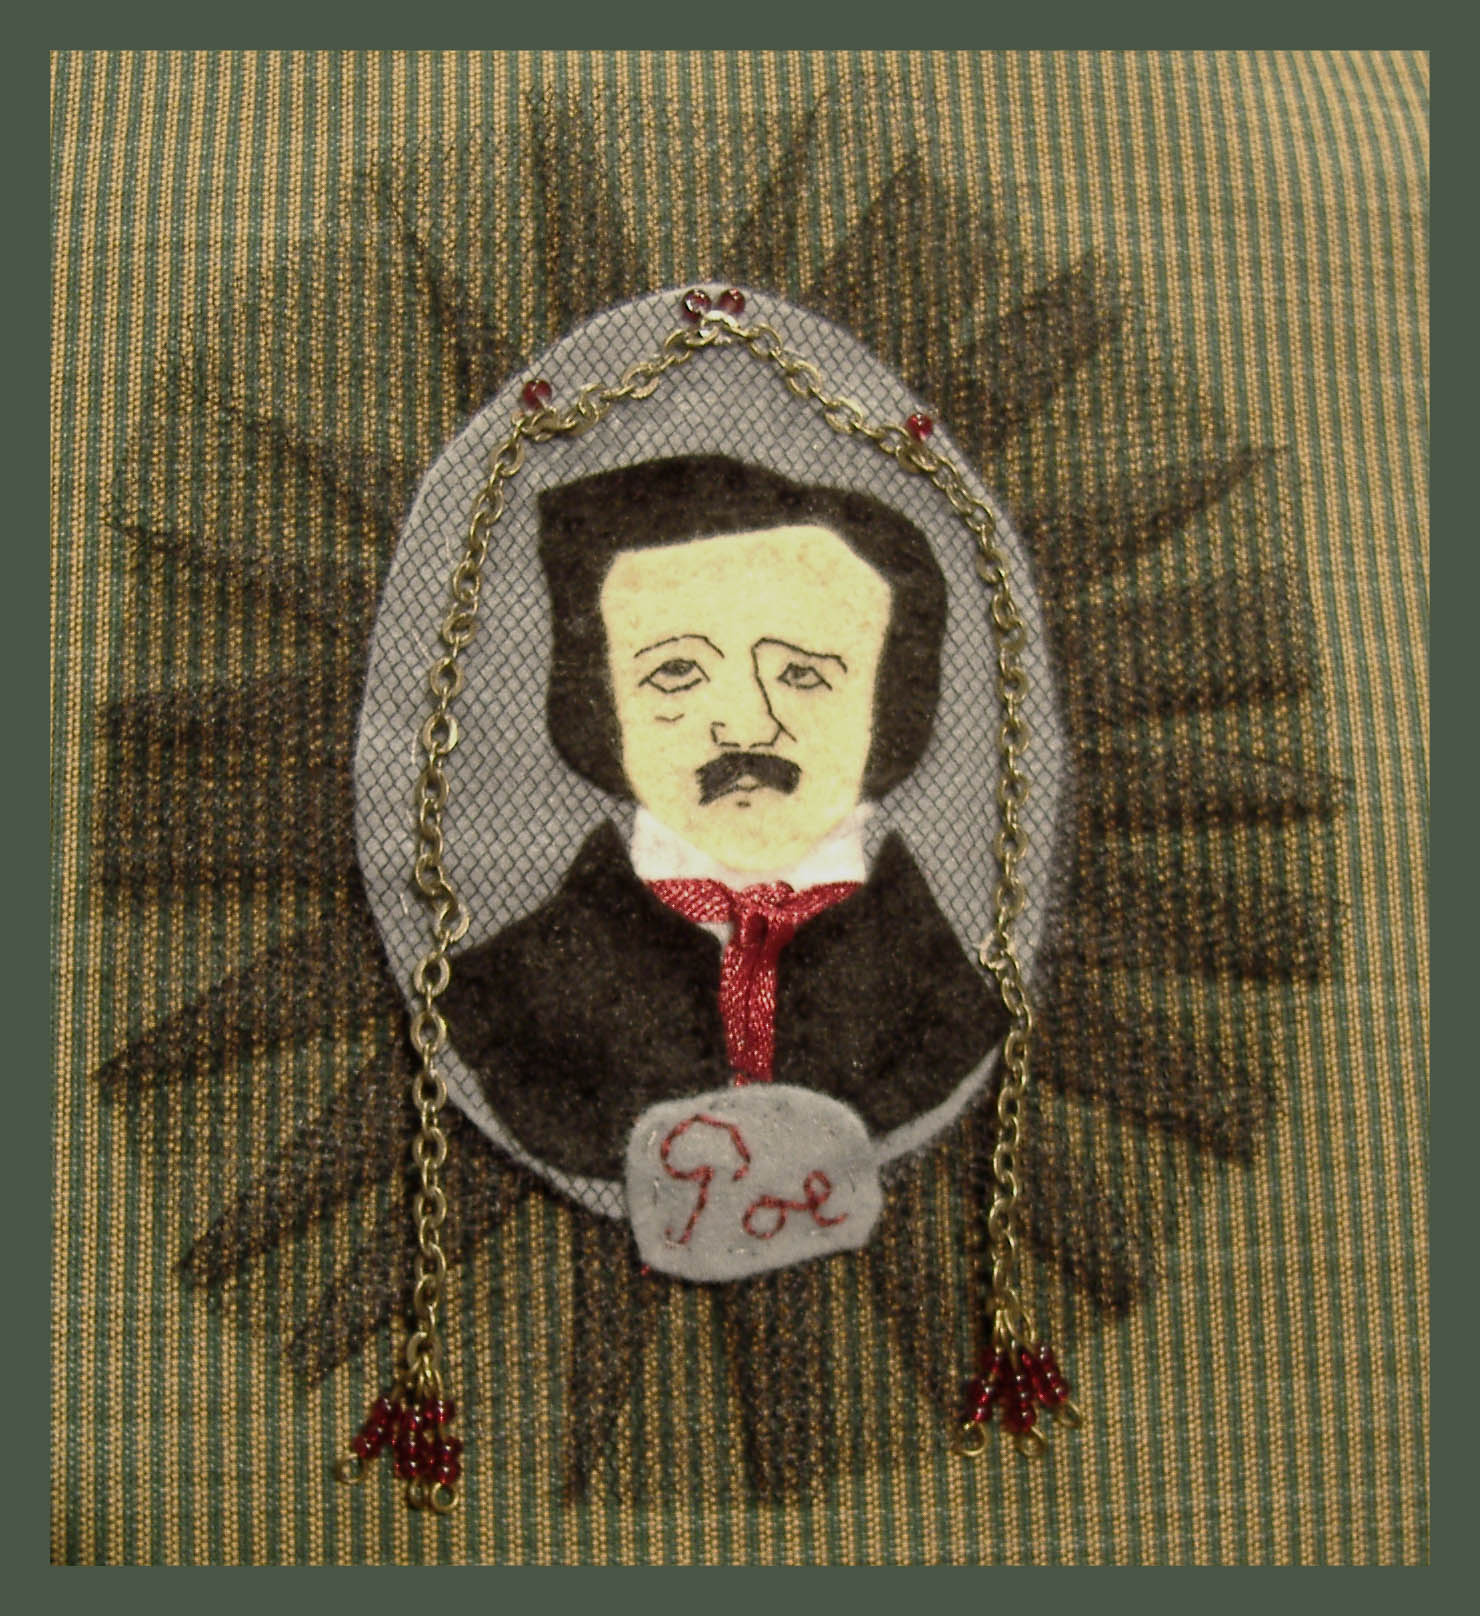 Edgar Allan Poe de fieltro